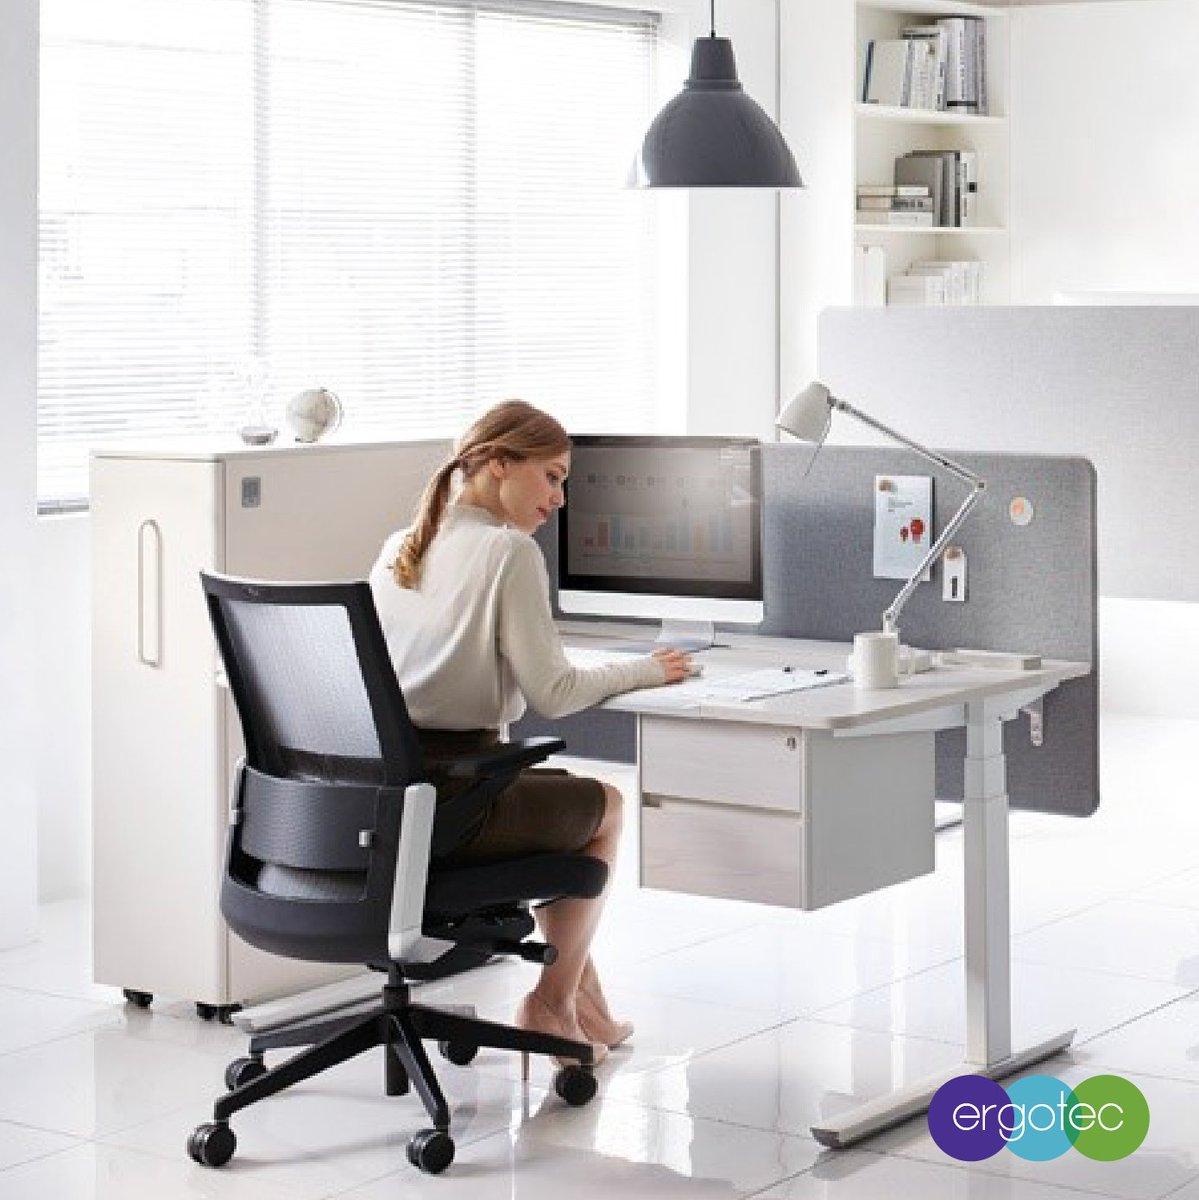 Ergotec On Twitter El Mobiliario De Trabajo Debe Ser Flexible  # Muebles Fursys Santo Domingo